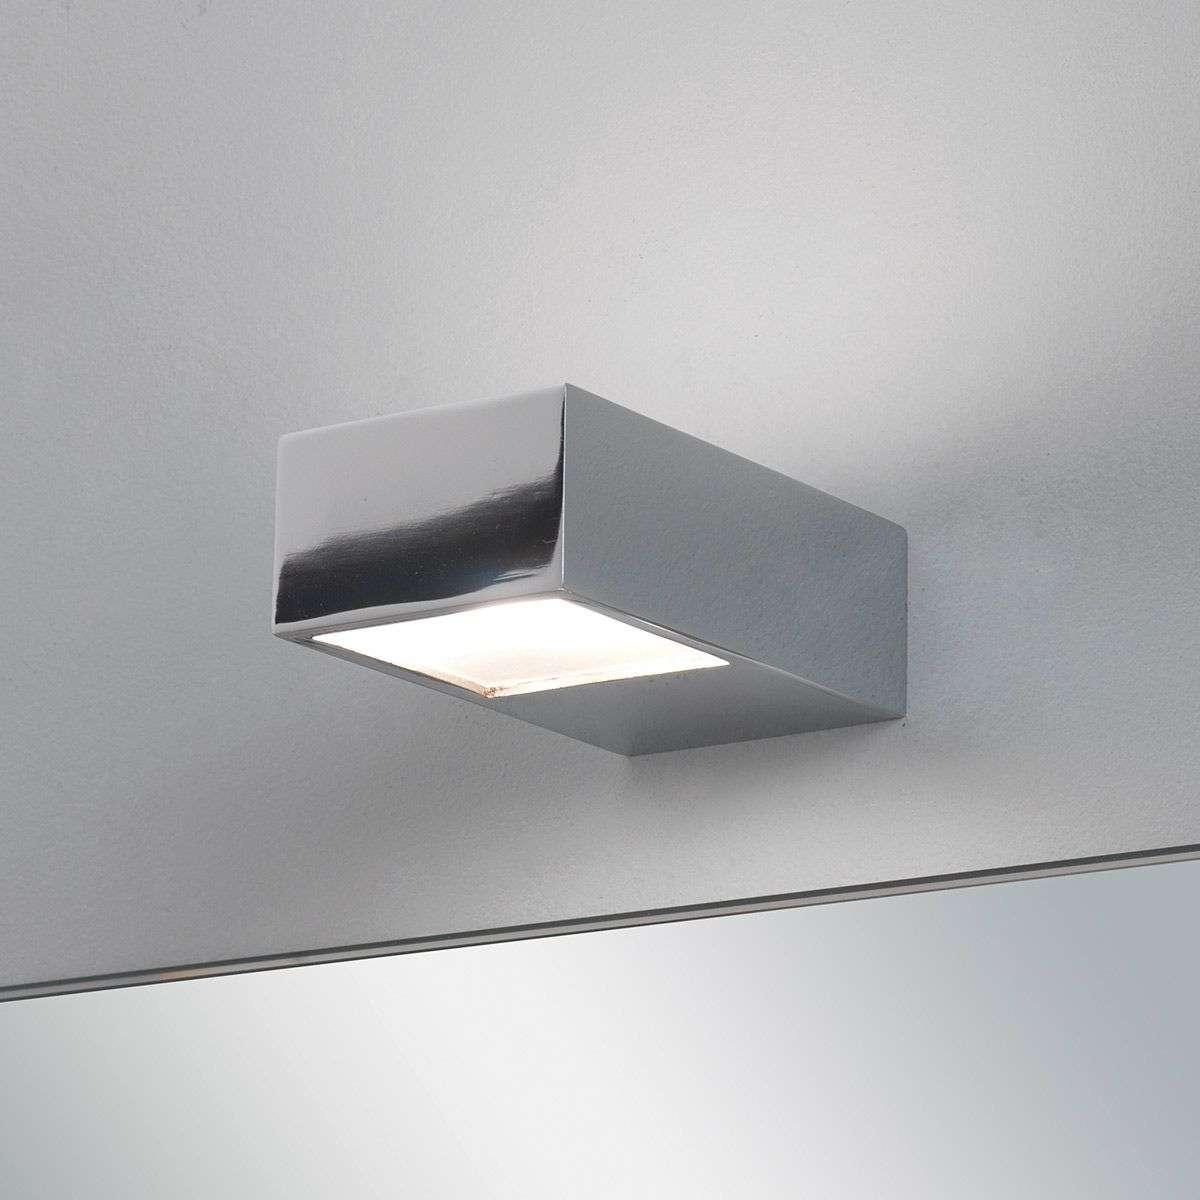 Ashlar Wall Light Up and Down-1020053-32